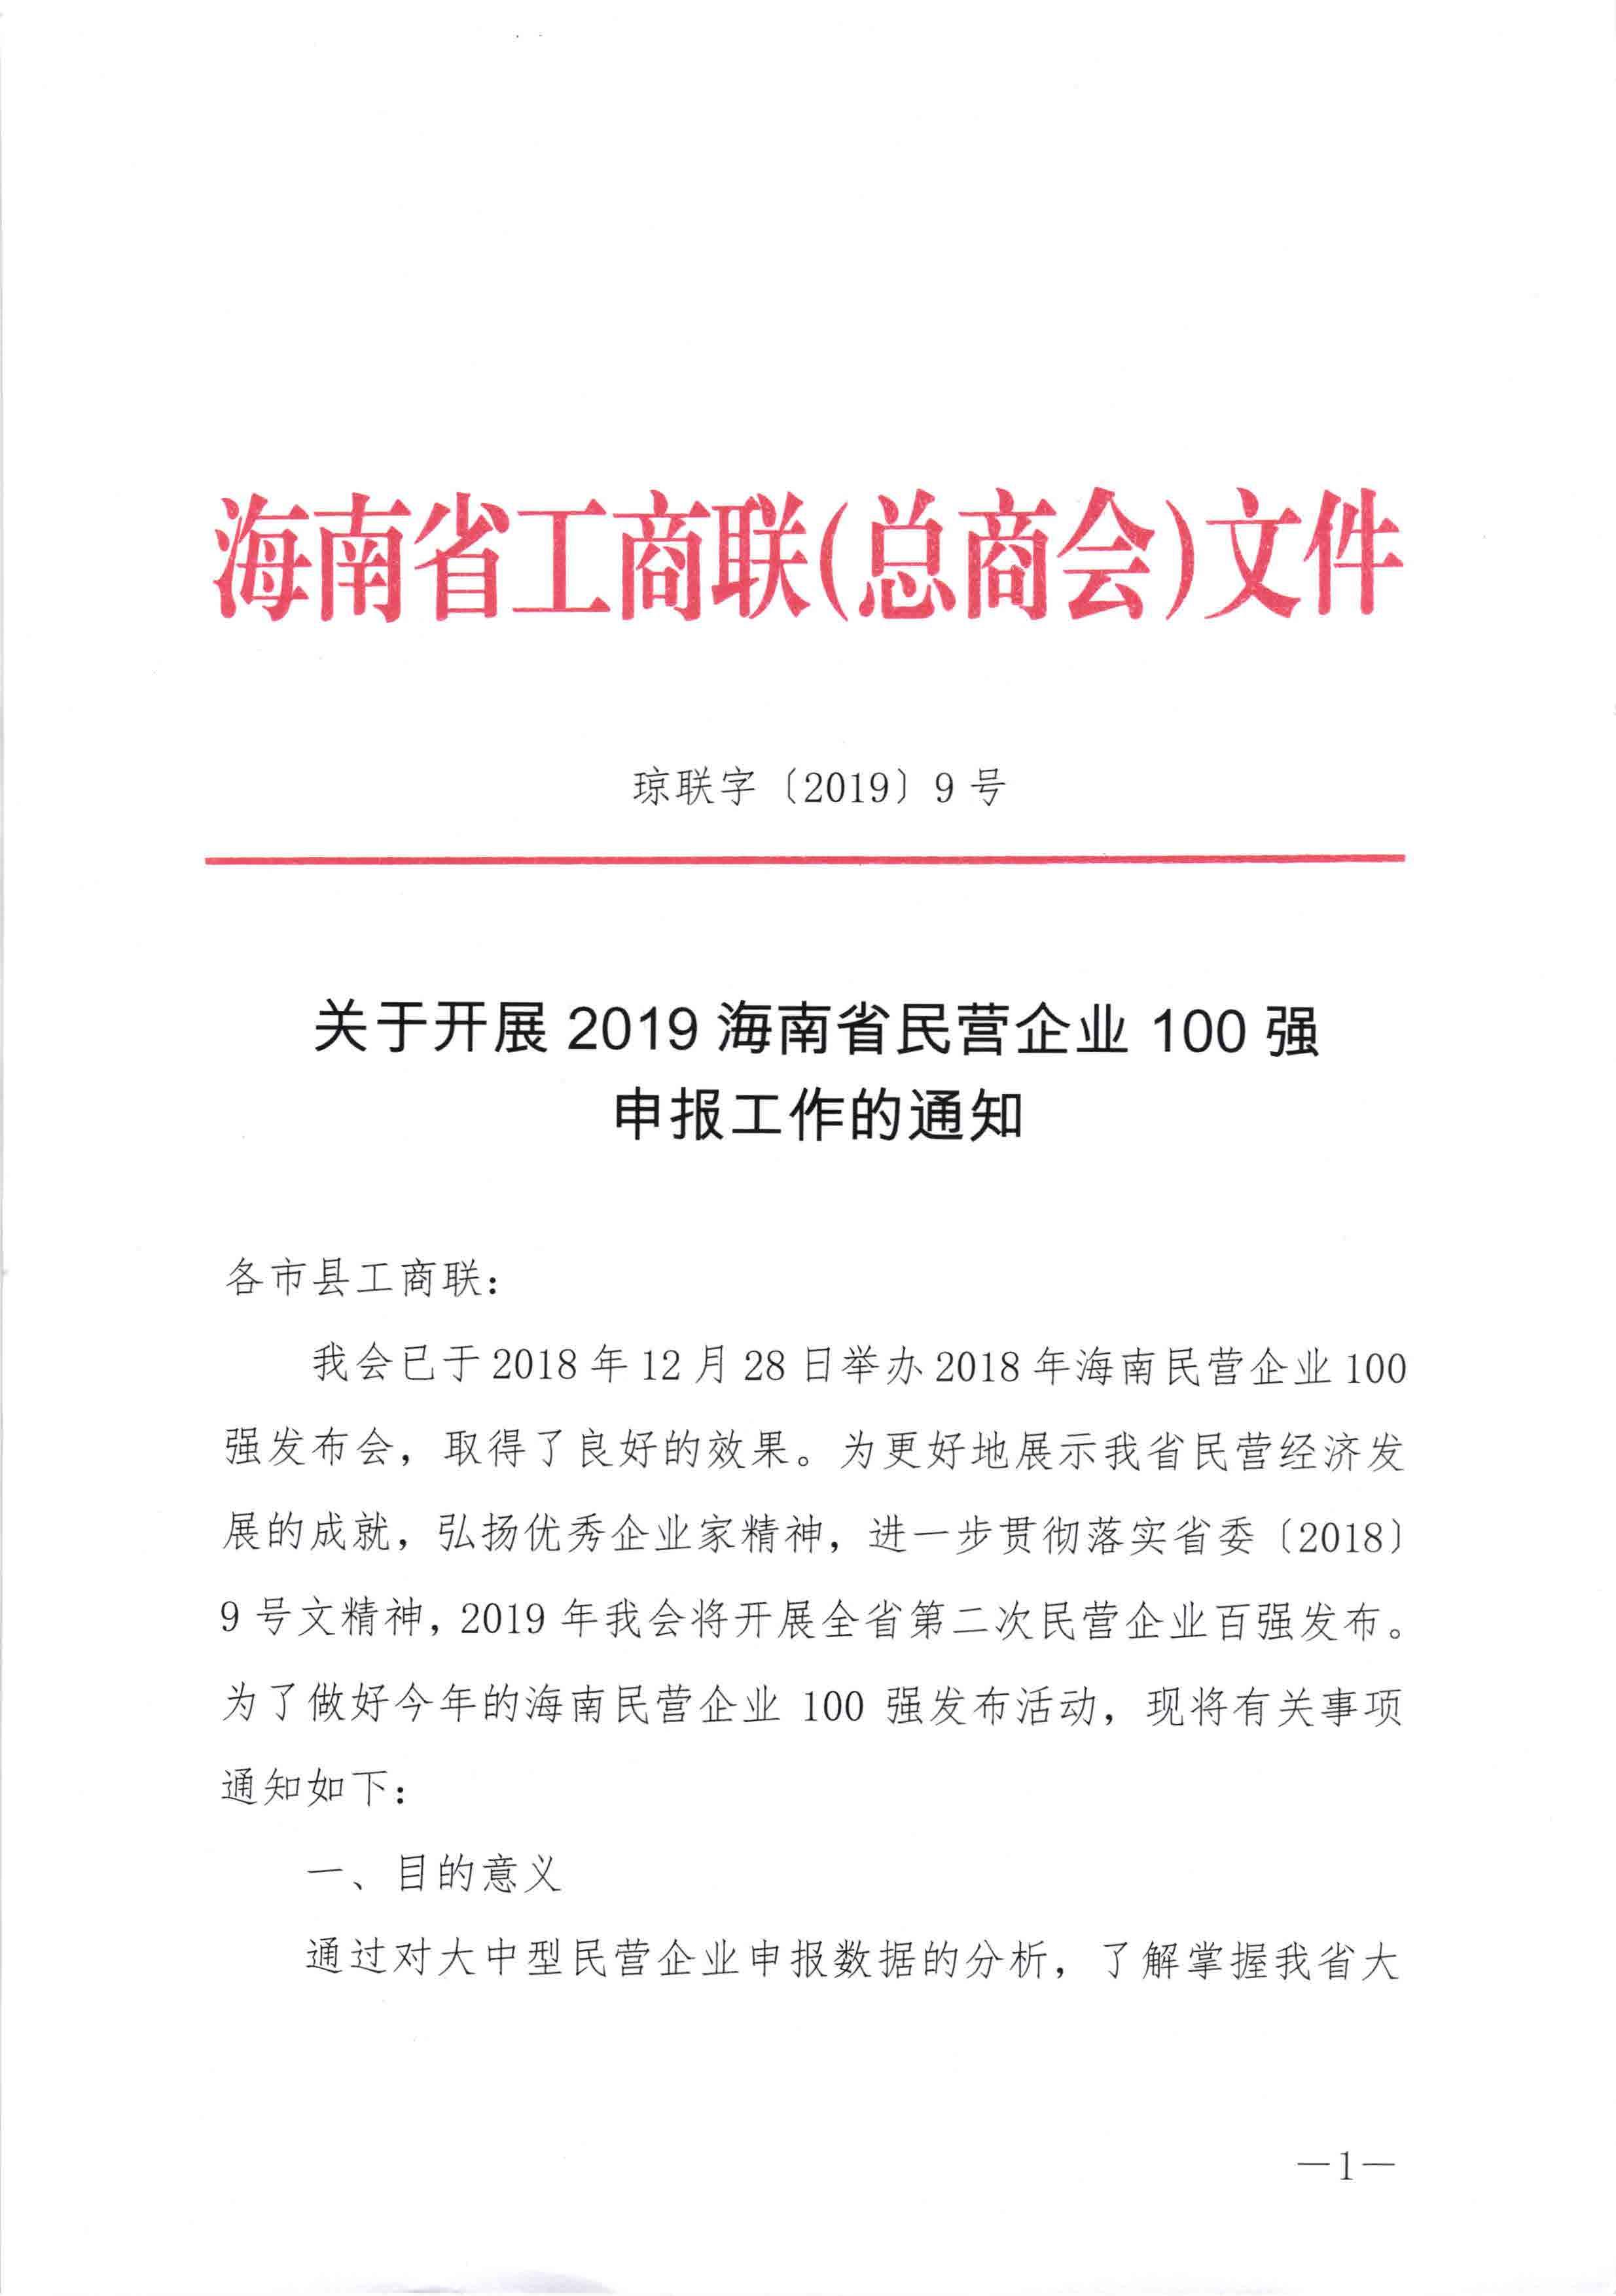 万博manbetx客戶端下载开展2019万博manbetx亚洲官网民营企业100强申报工作的通知_页面_1